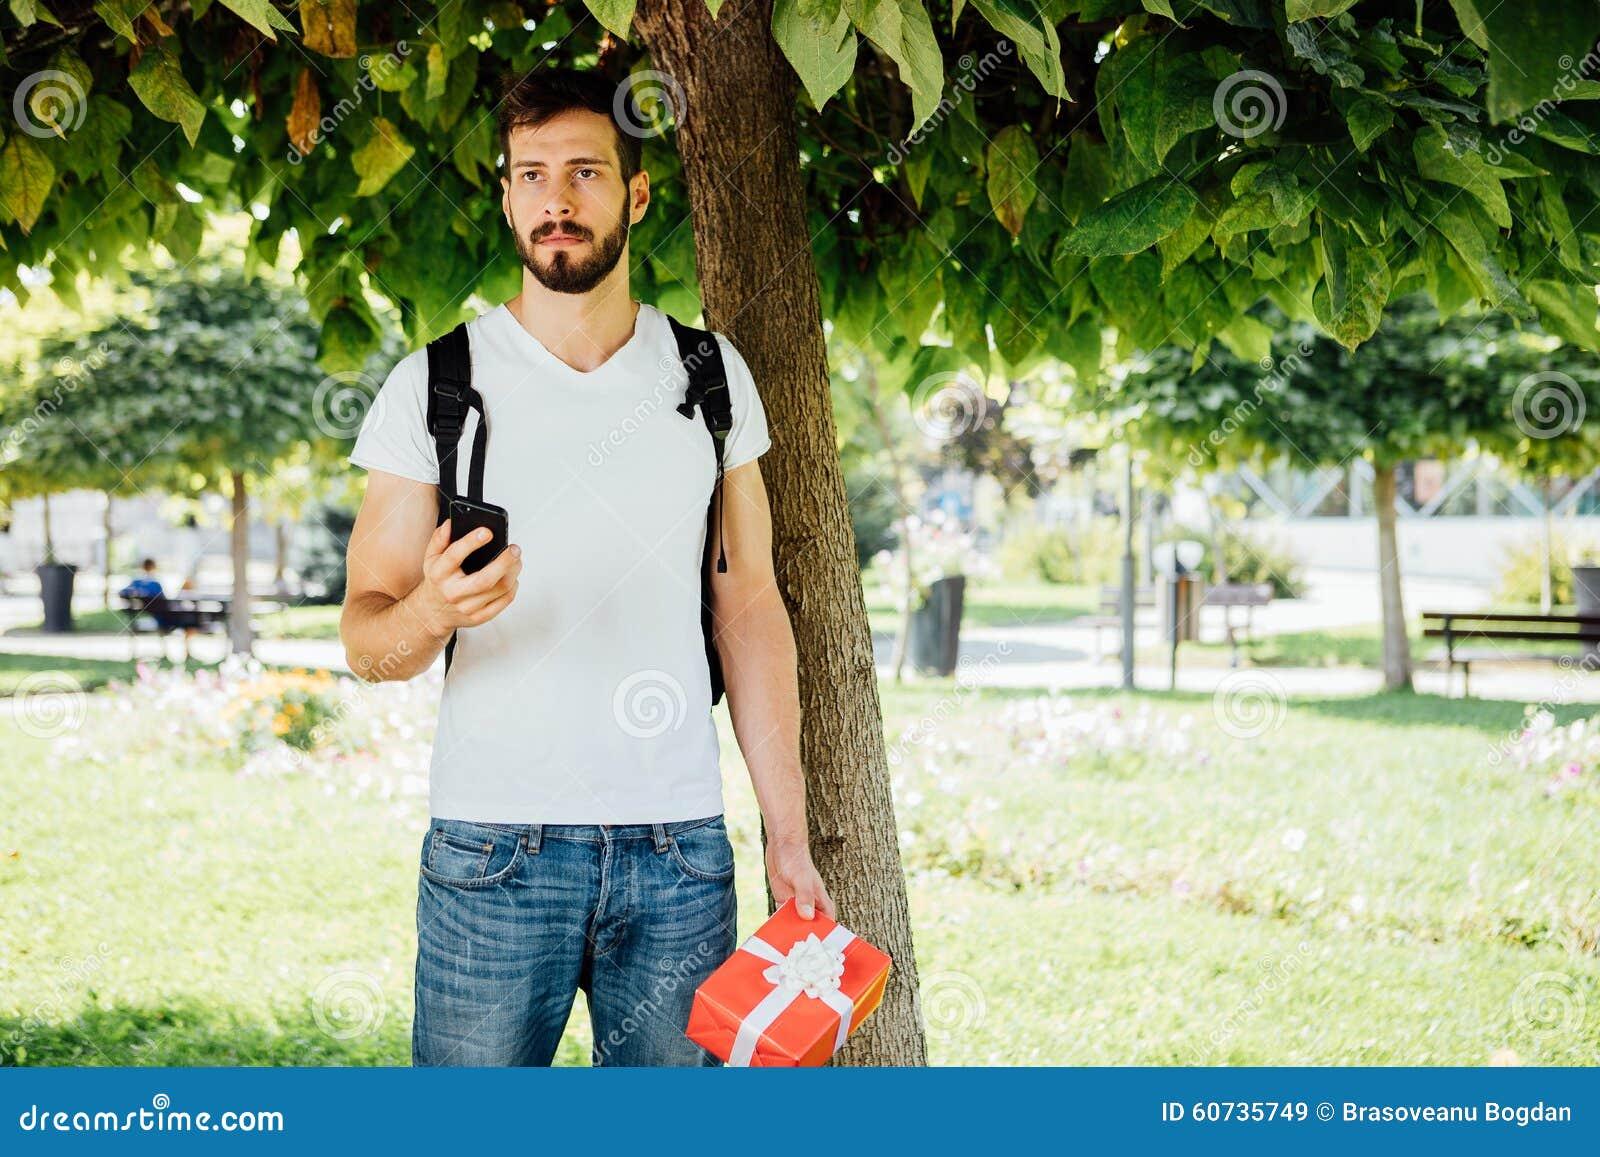 Uomo con lo zaino e un regalo accanto ad un albero